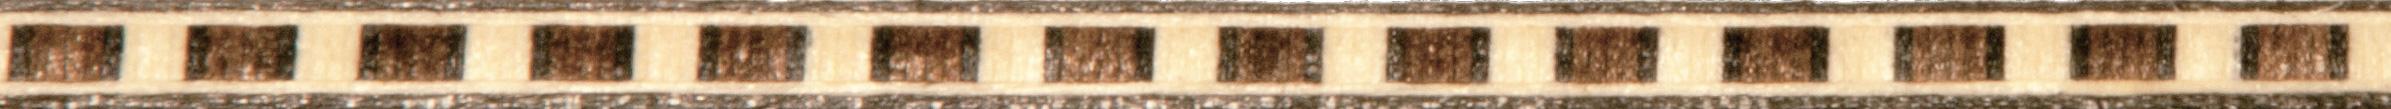 Альпистиль №4012, 5мм, 3.07€/м.п.